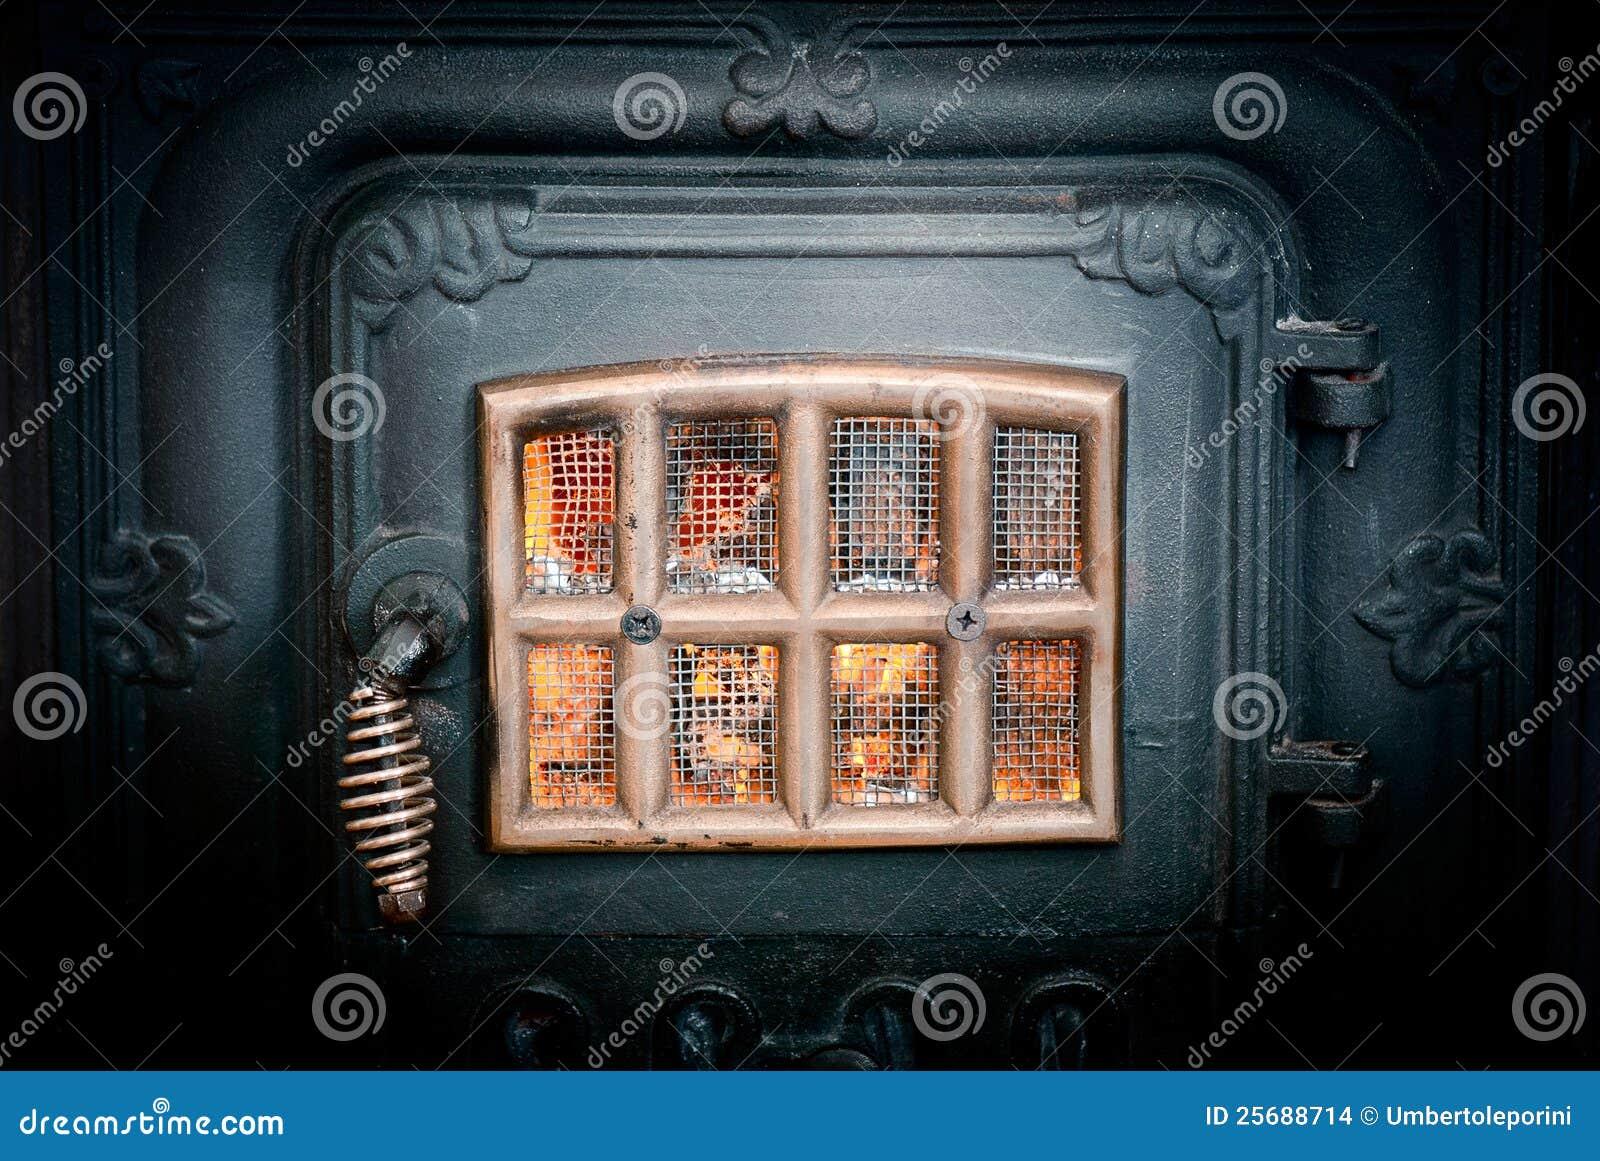 火炉葡萄酒图片